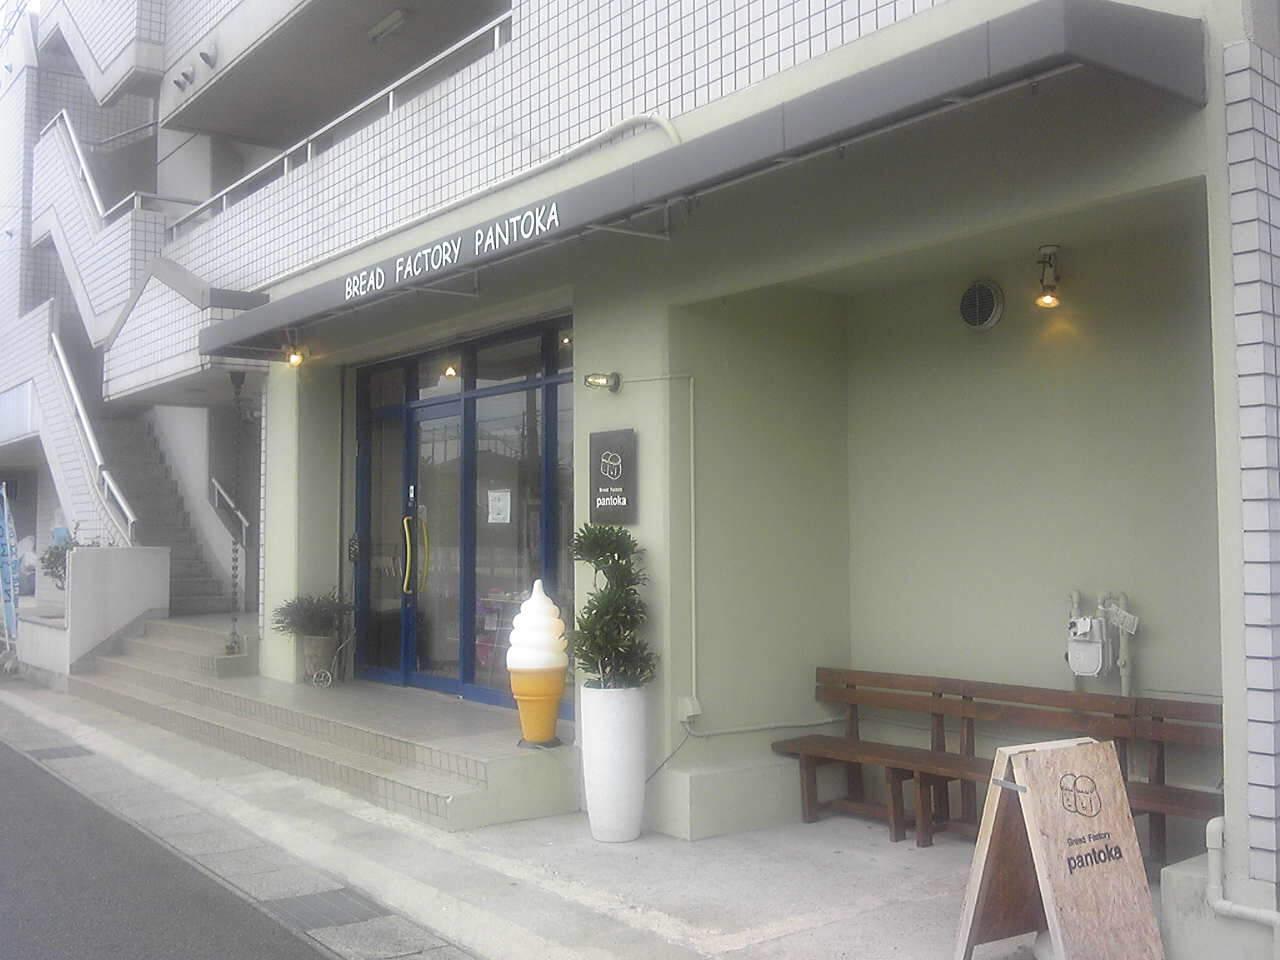 Bread Factory PANTOKA